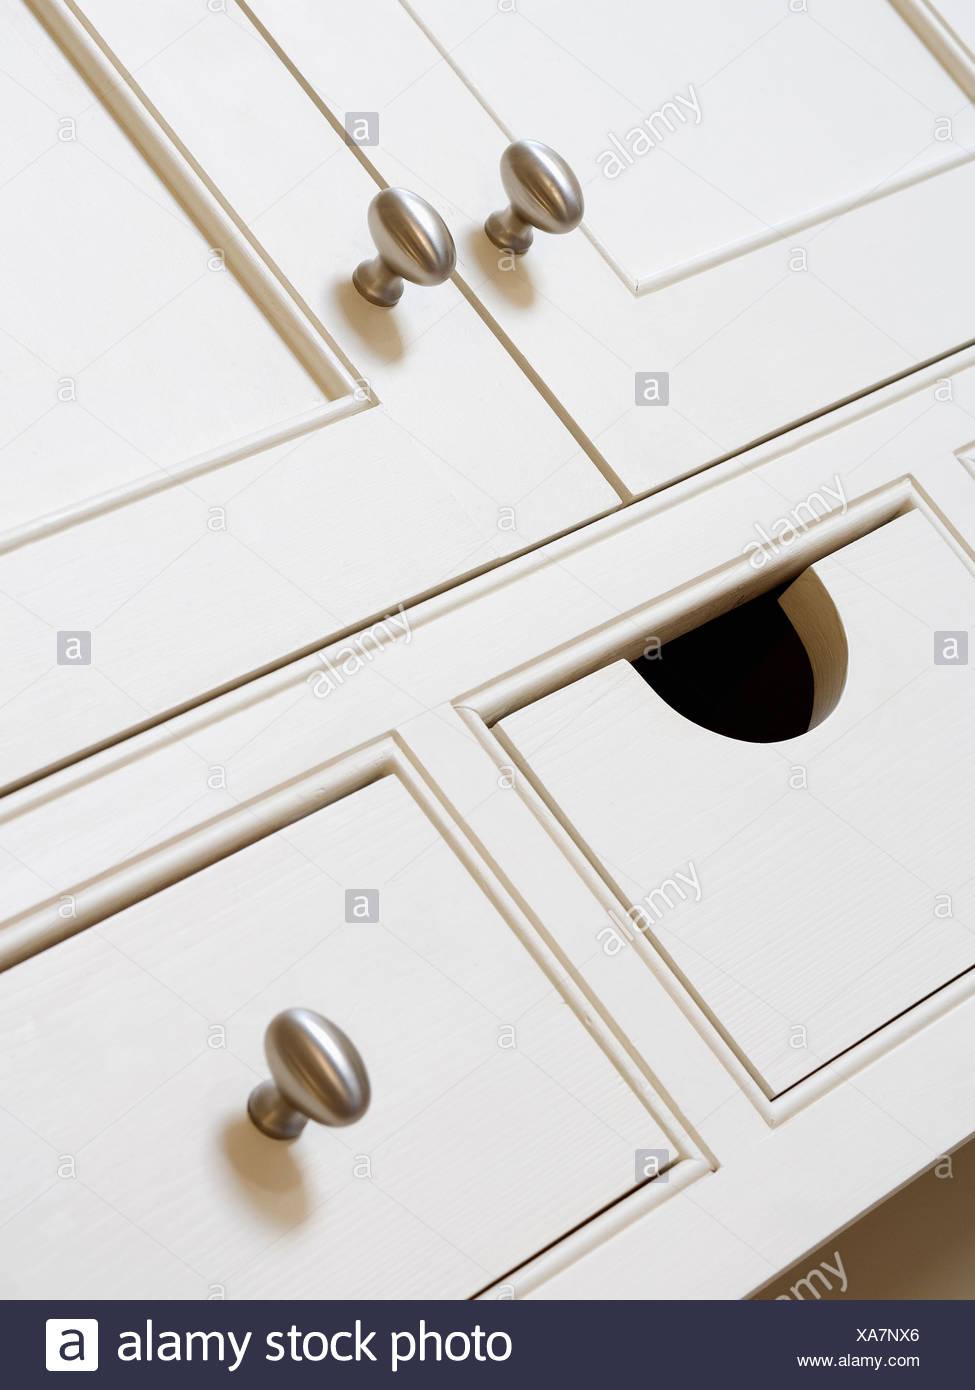 Großartig Besteckeinsätze Für Küchenschubladen Nz Fotos ...